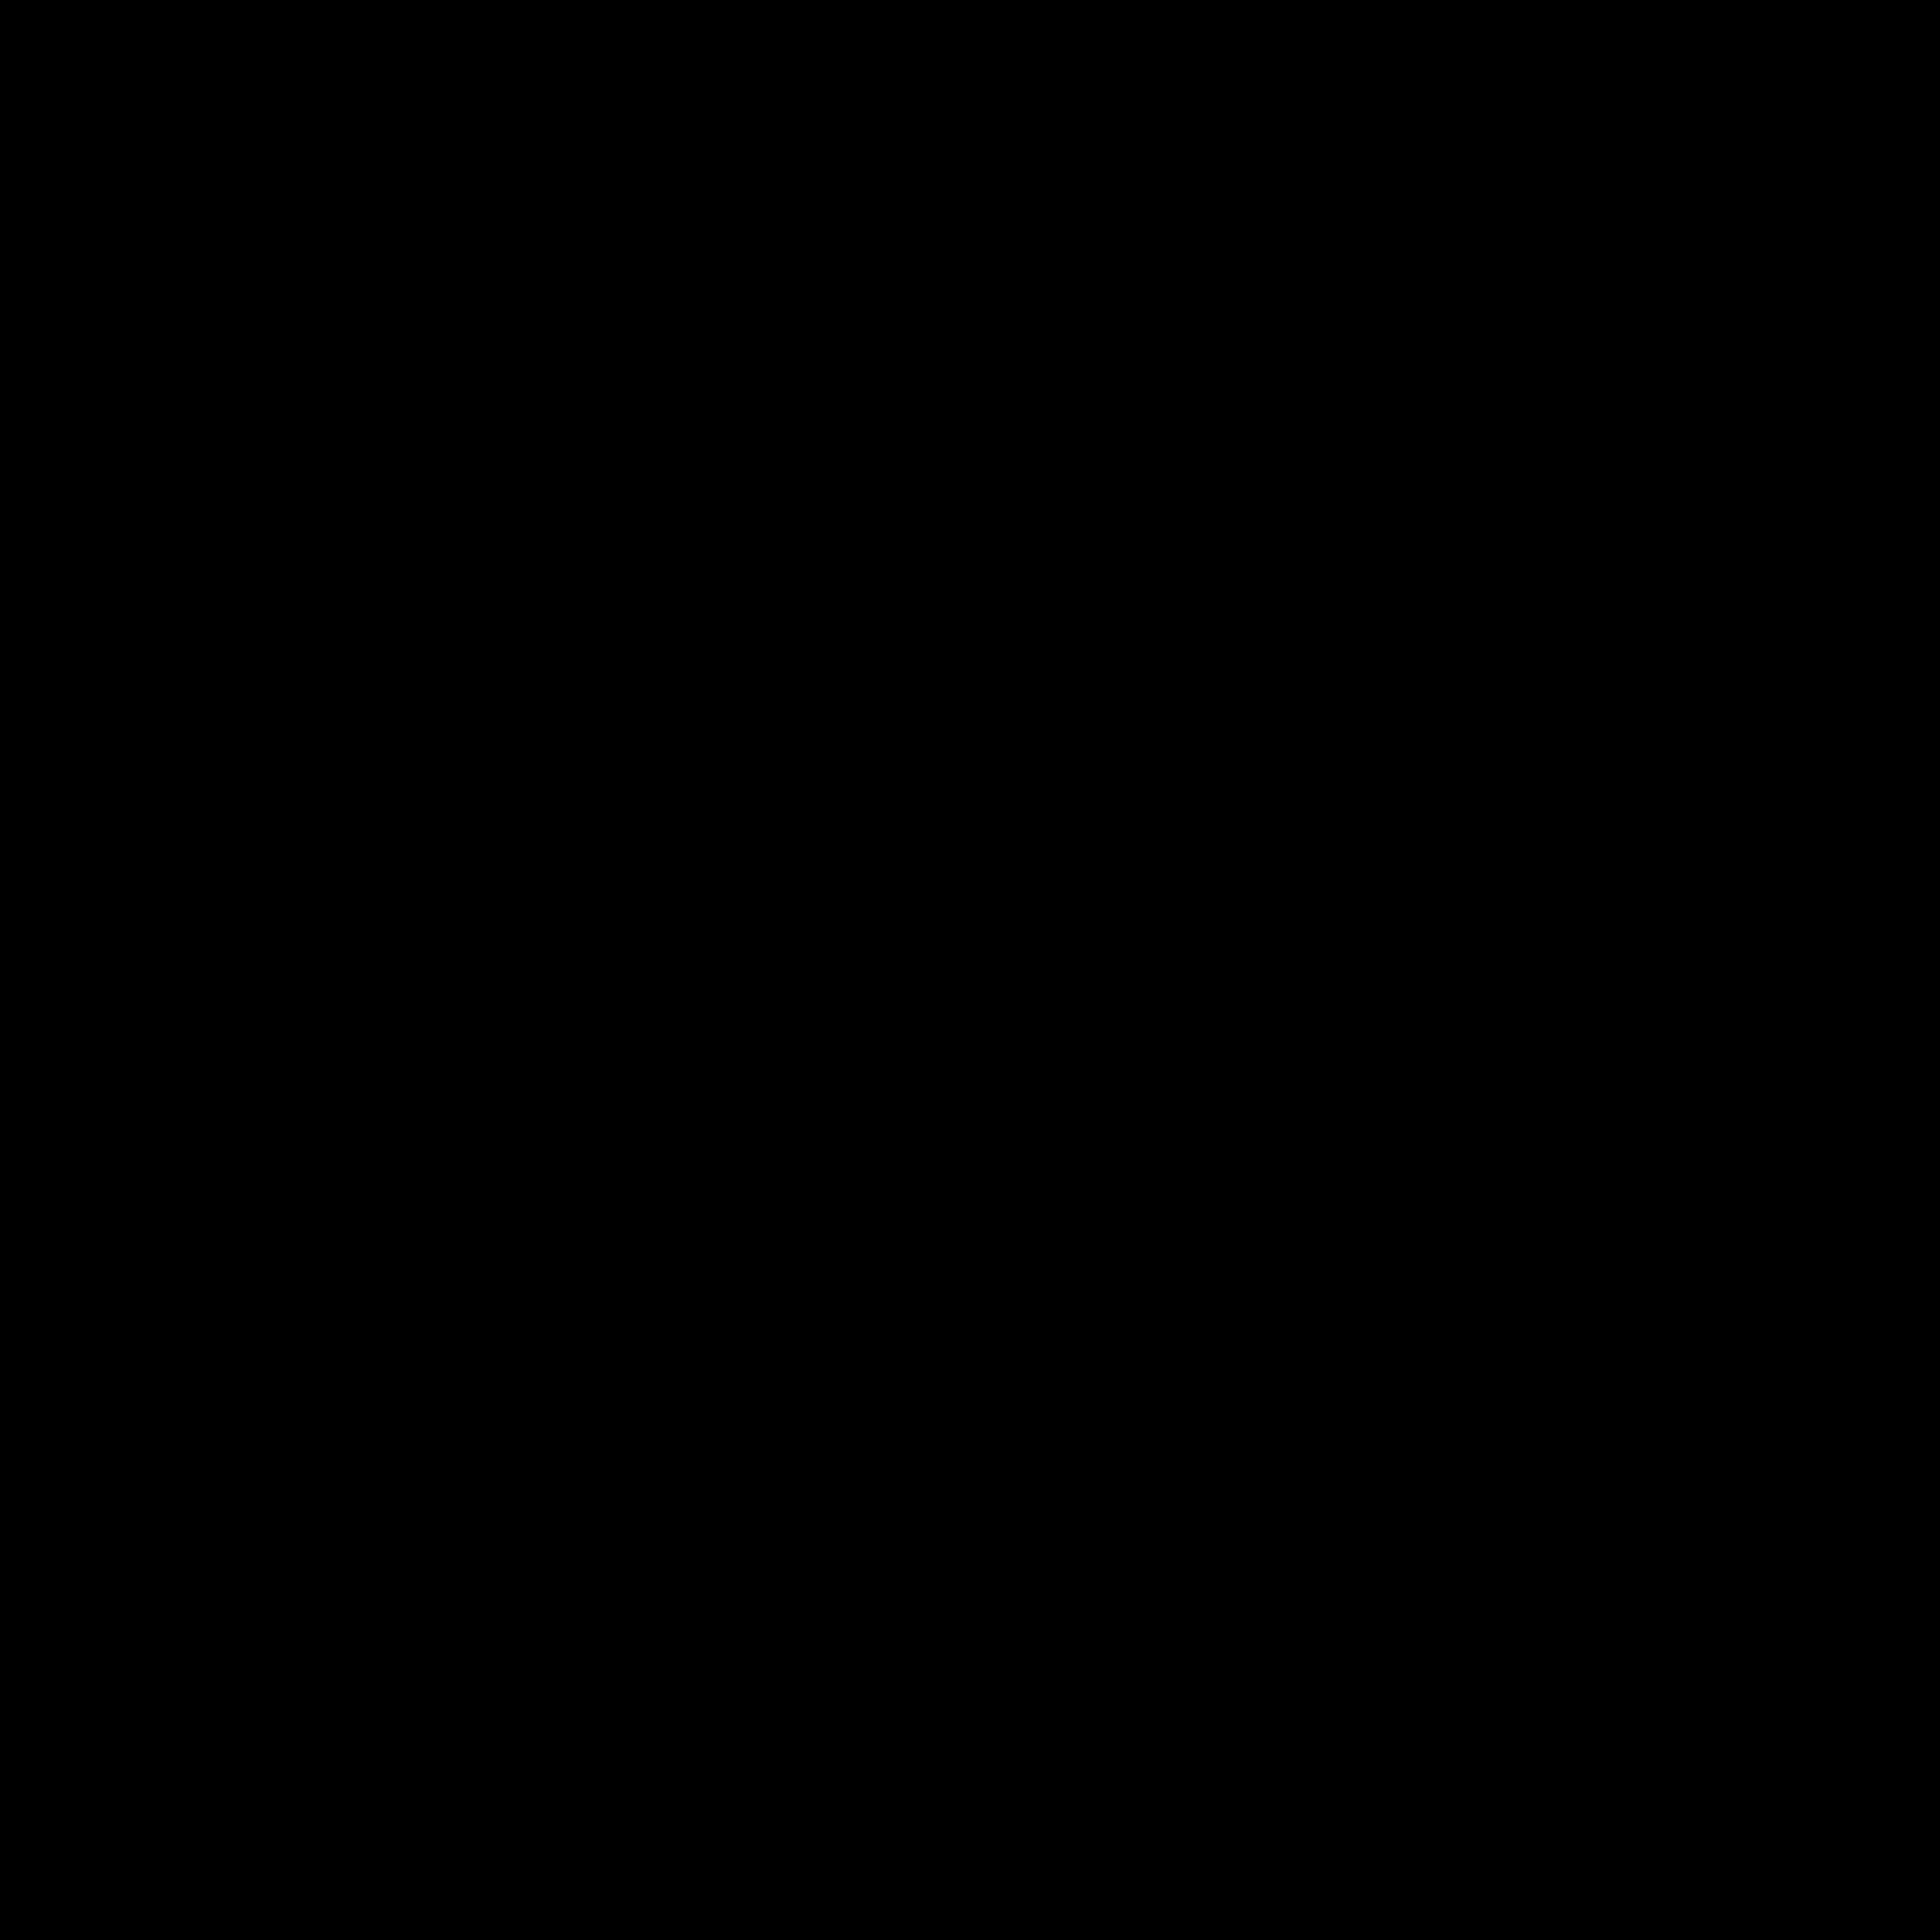 Traité de l'Émanation Gauche partie 2